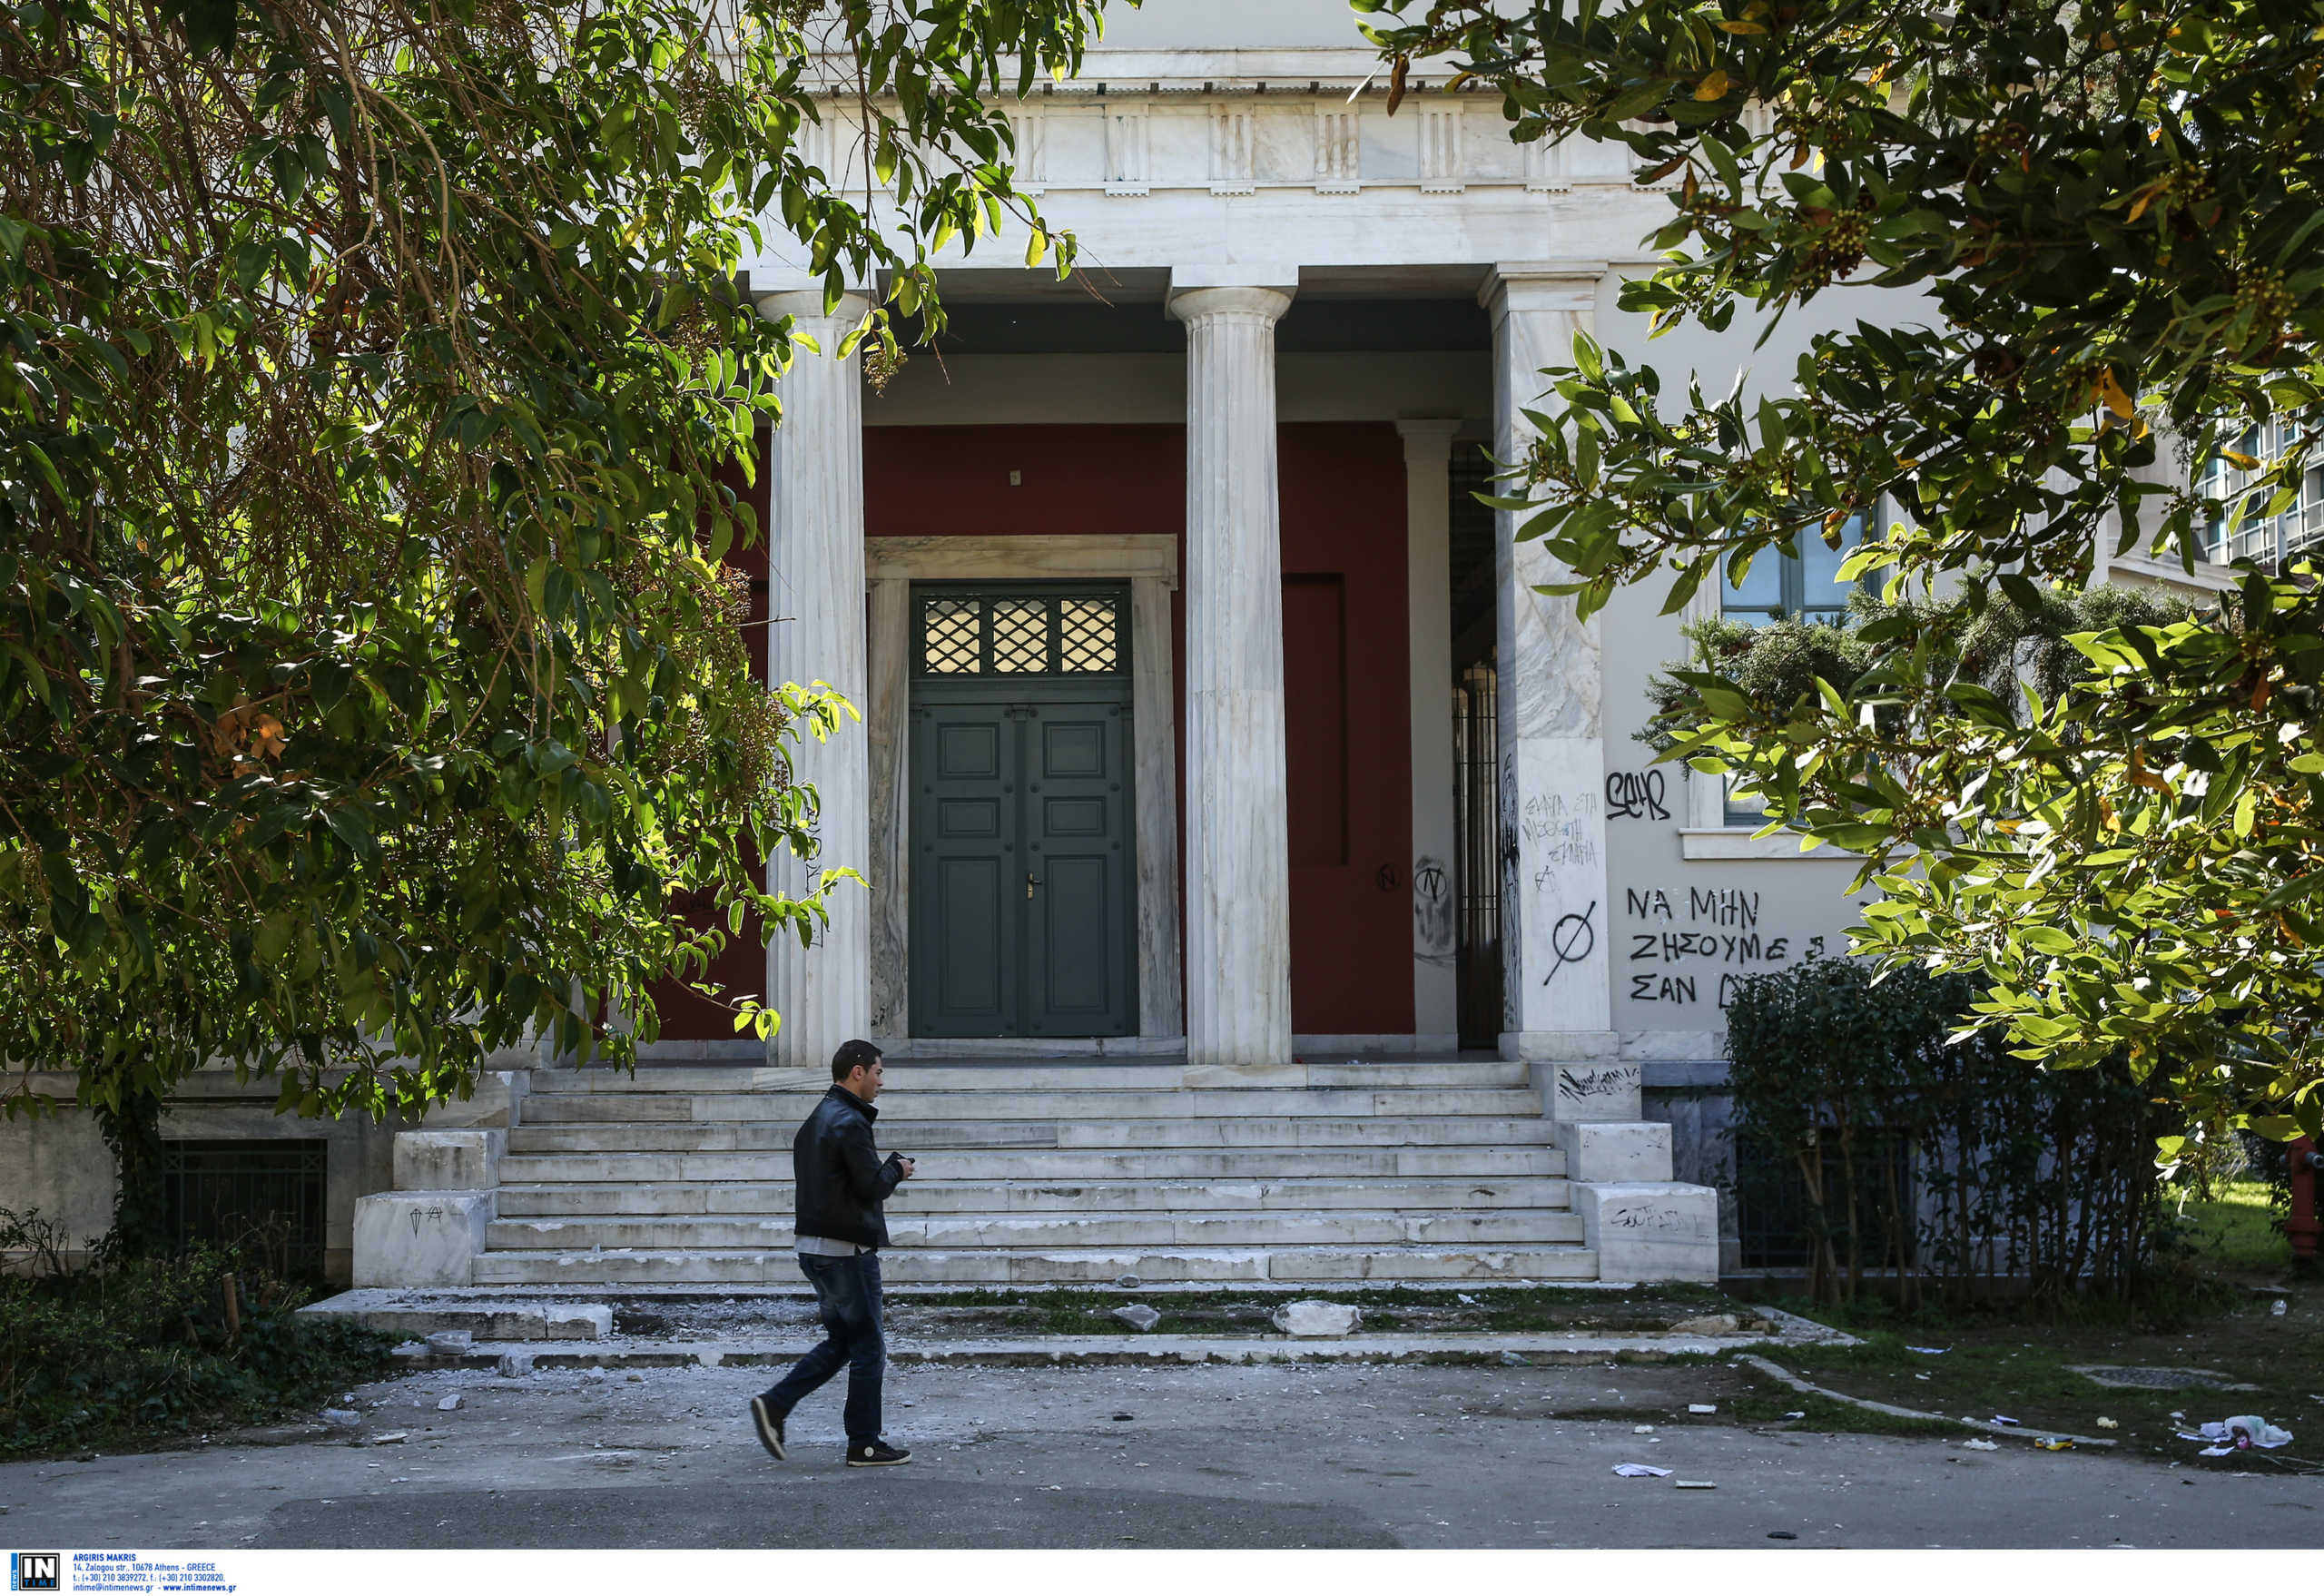 Πολυτεχνείο: Εκκένωσε κτίριο με δεκάδες μετανάστες η ΕΛΑΣ